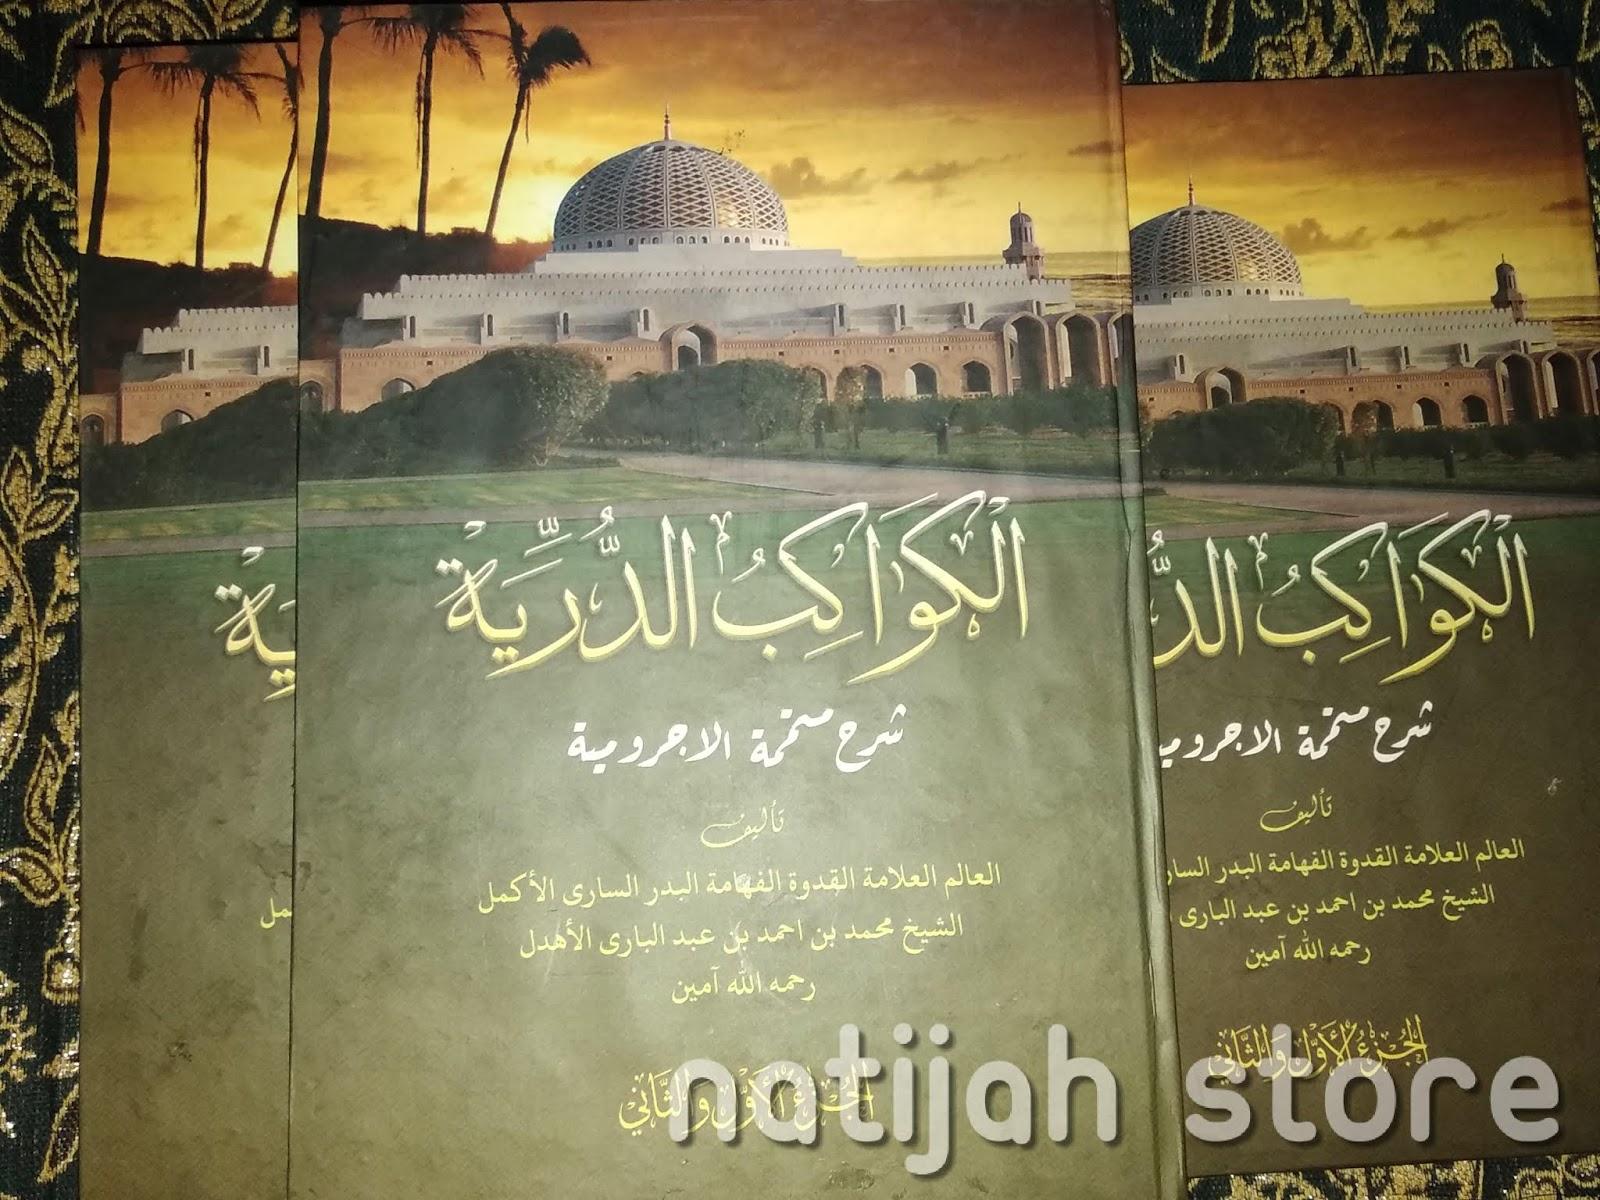 Kitab Kwakibu Duriyyah